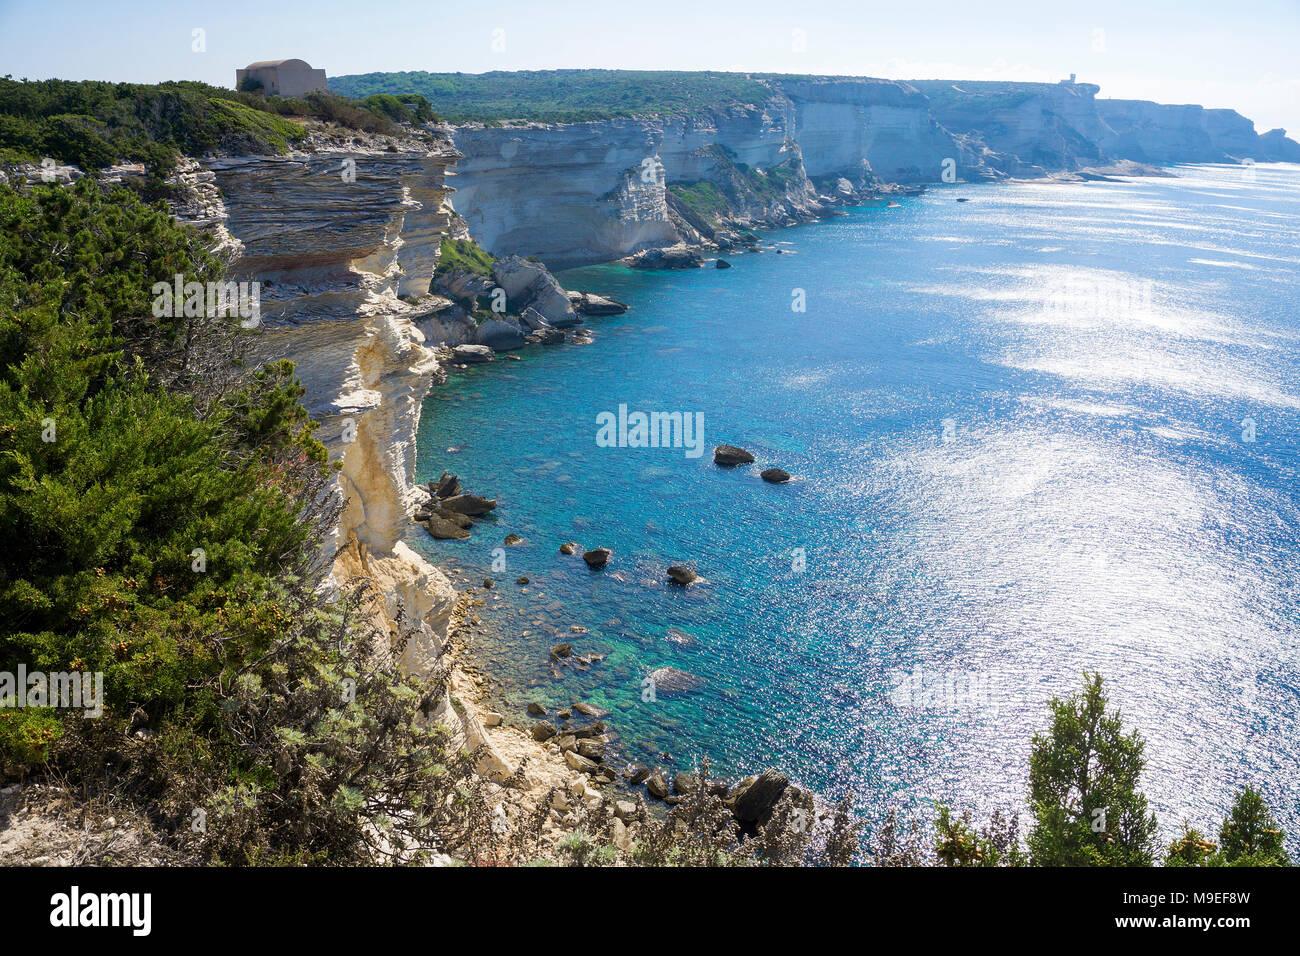 Il chalkstone scogliera di Bonifacio, Corsica, Francia, Mediterraneo, Europa Immagini Stock